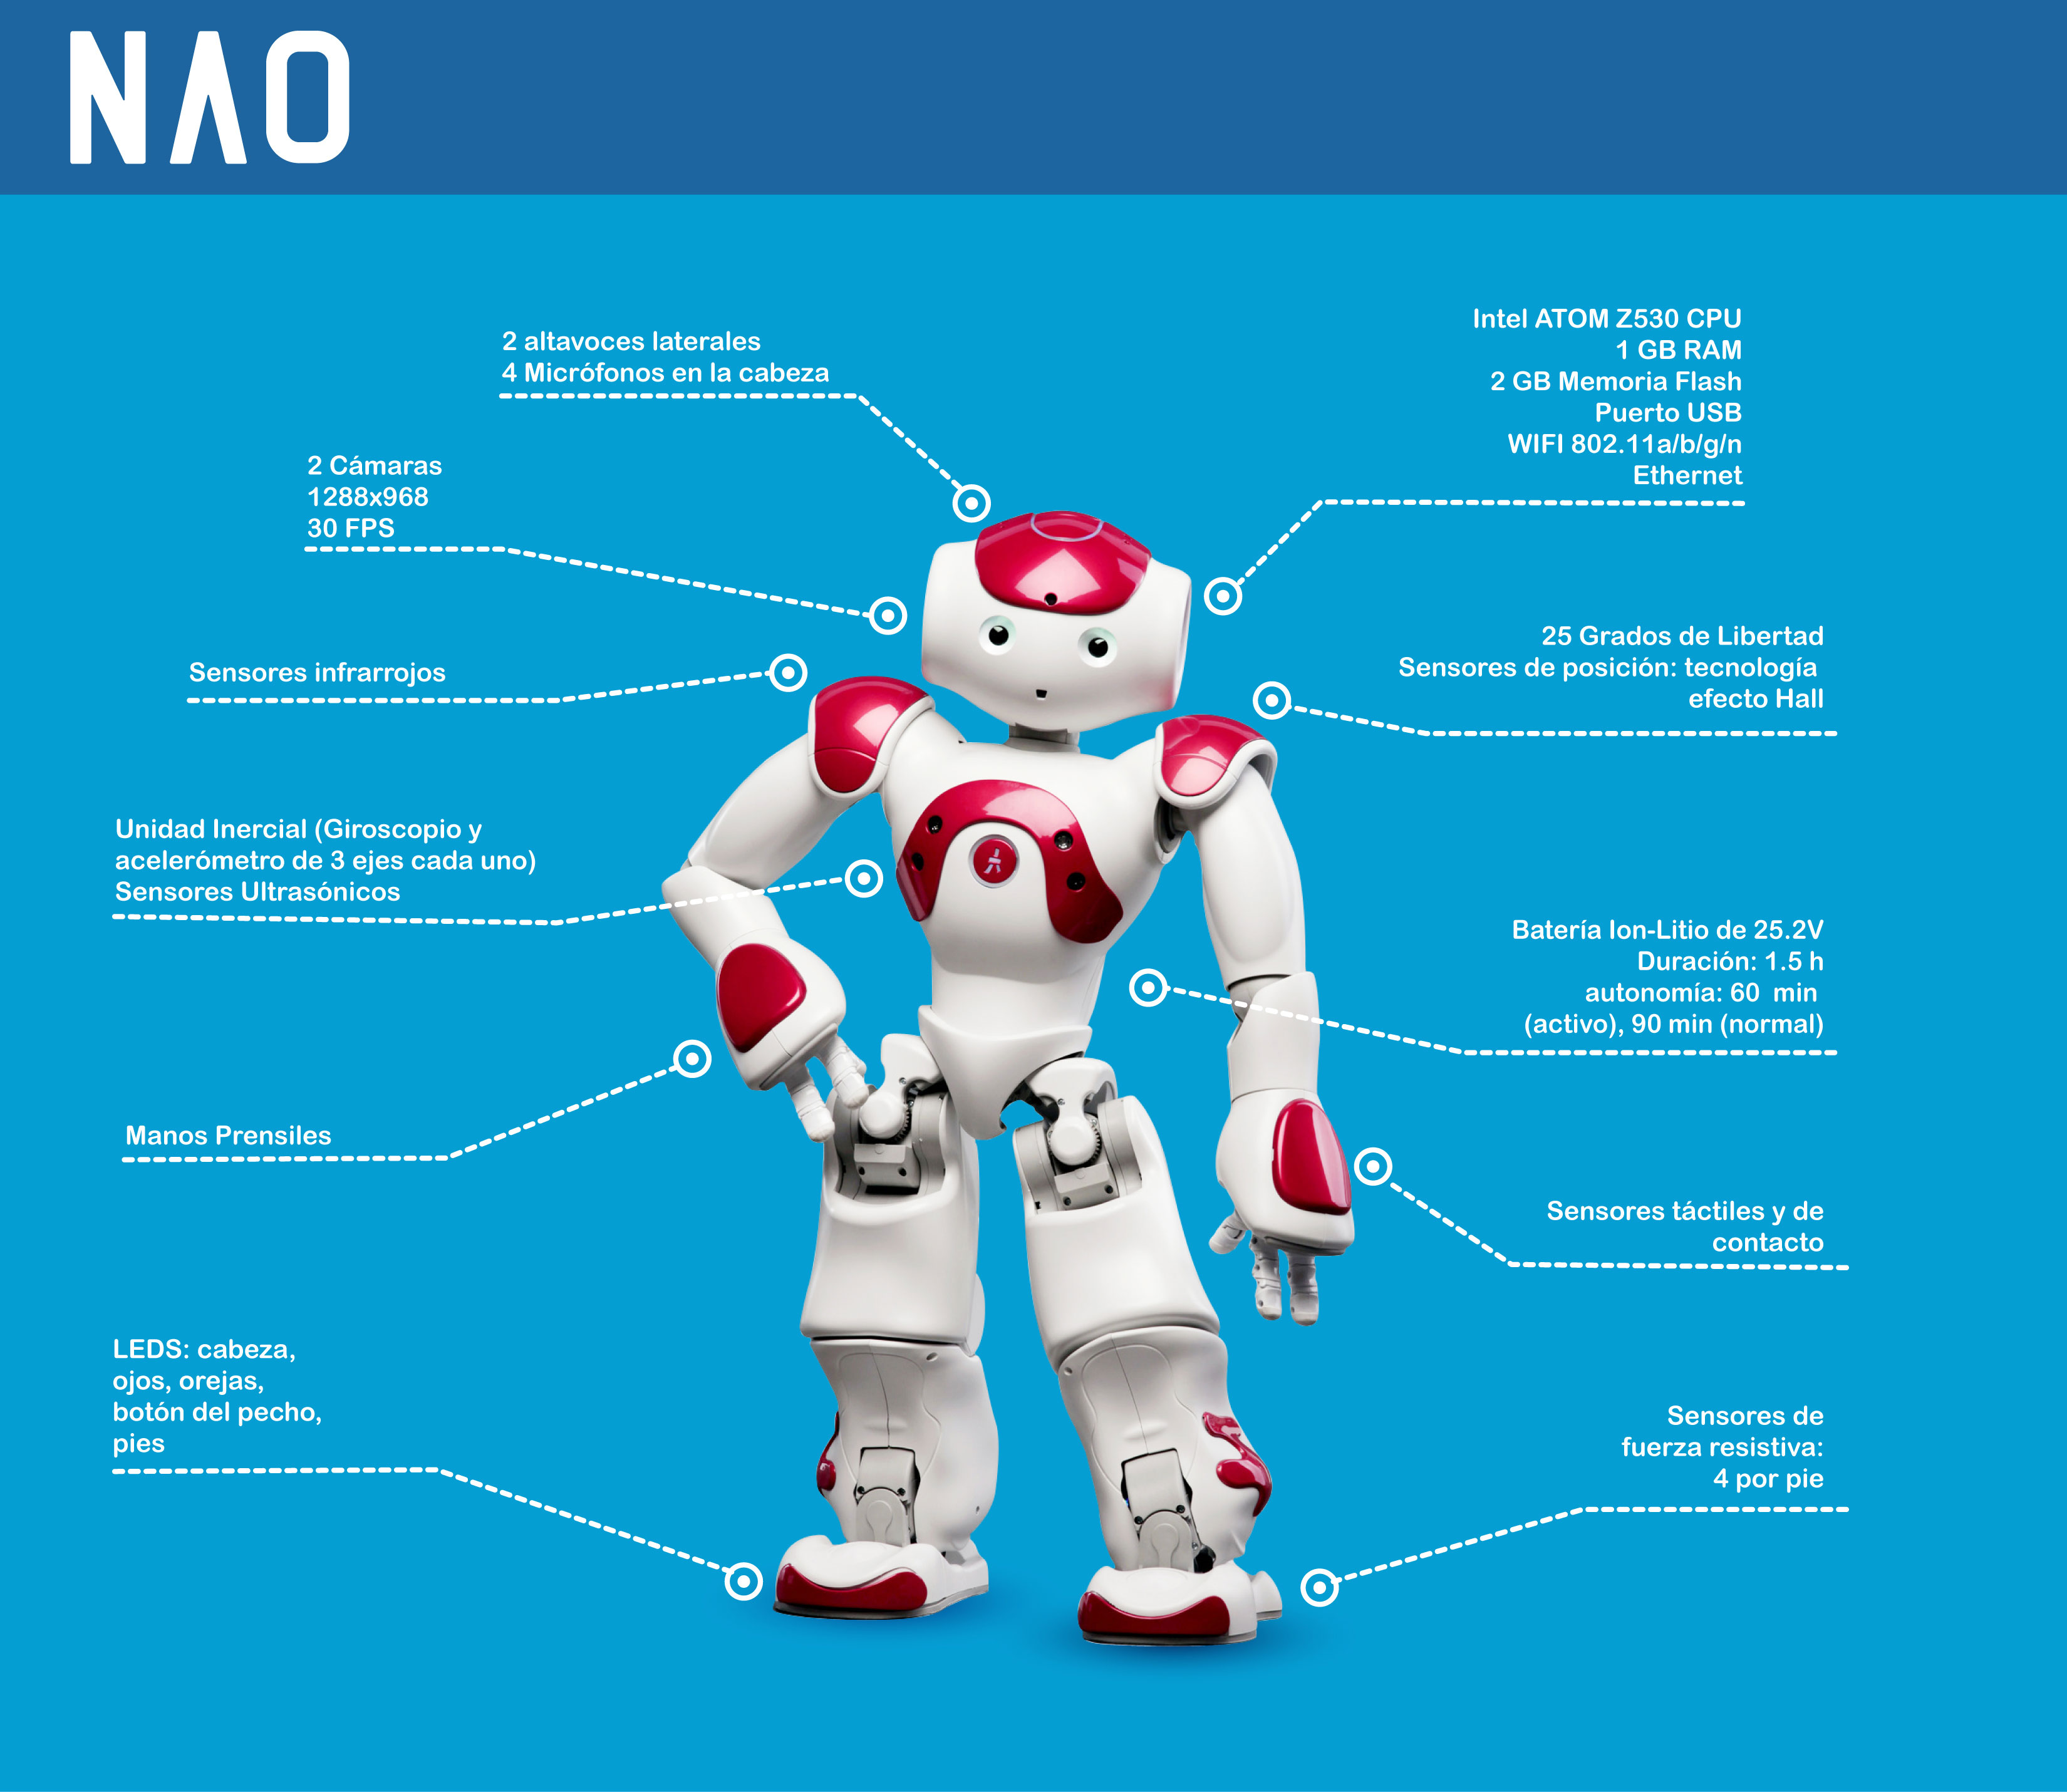 Robot NAO características